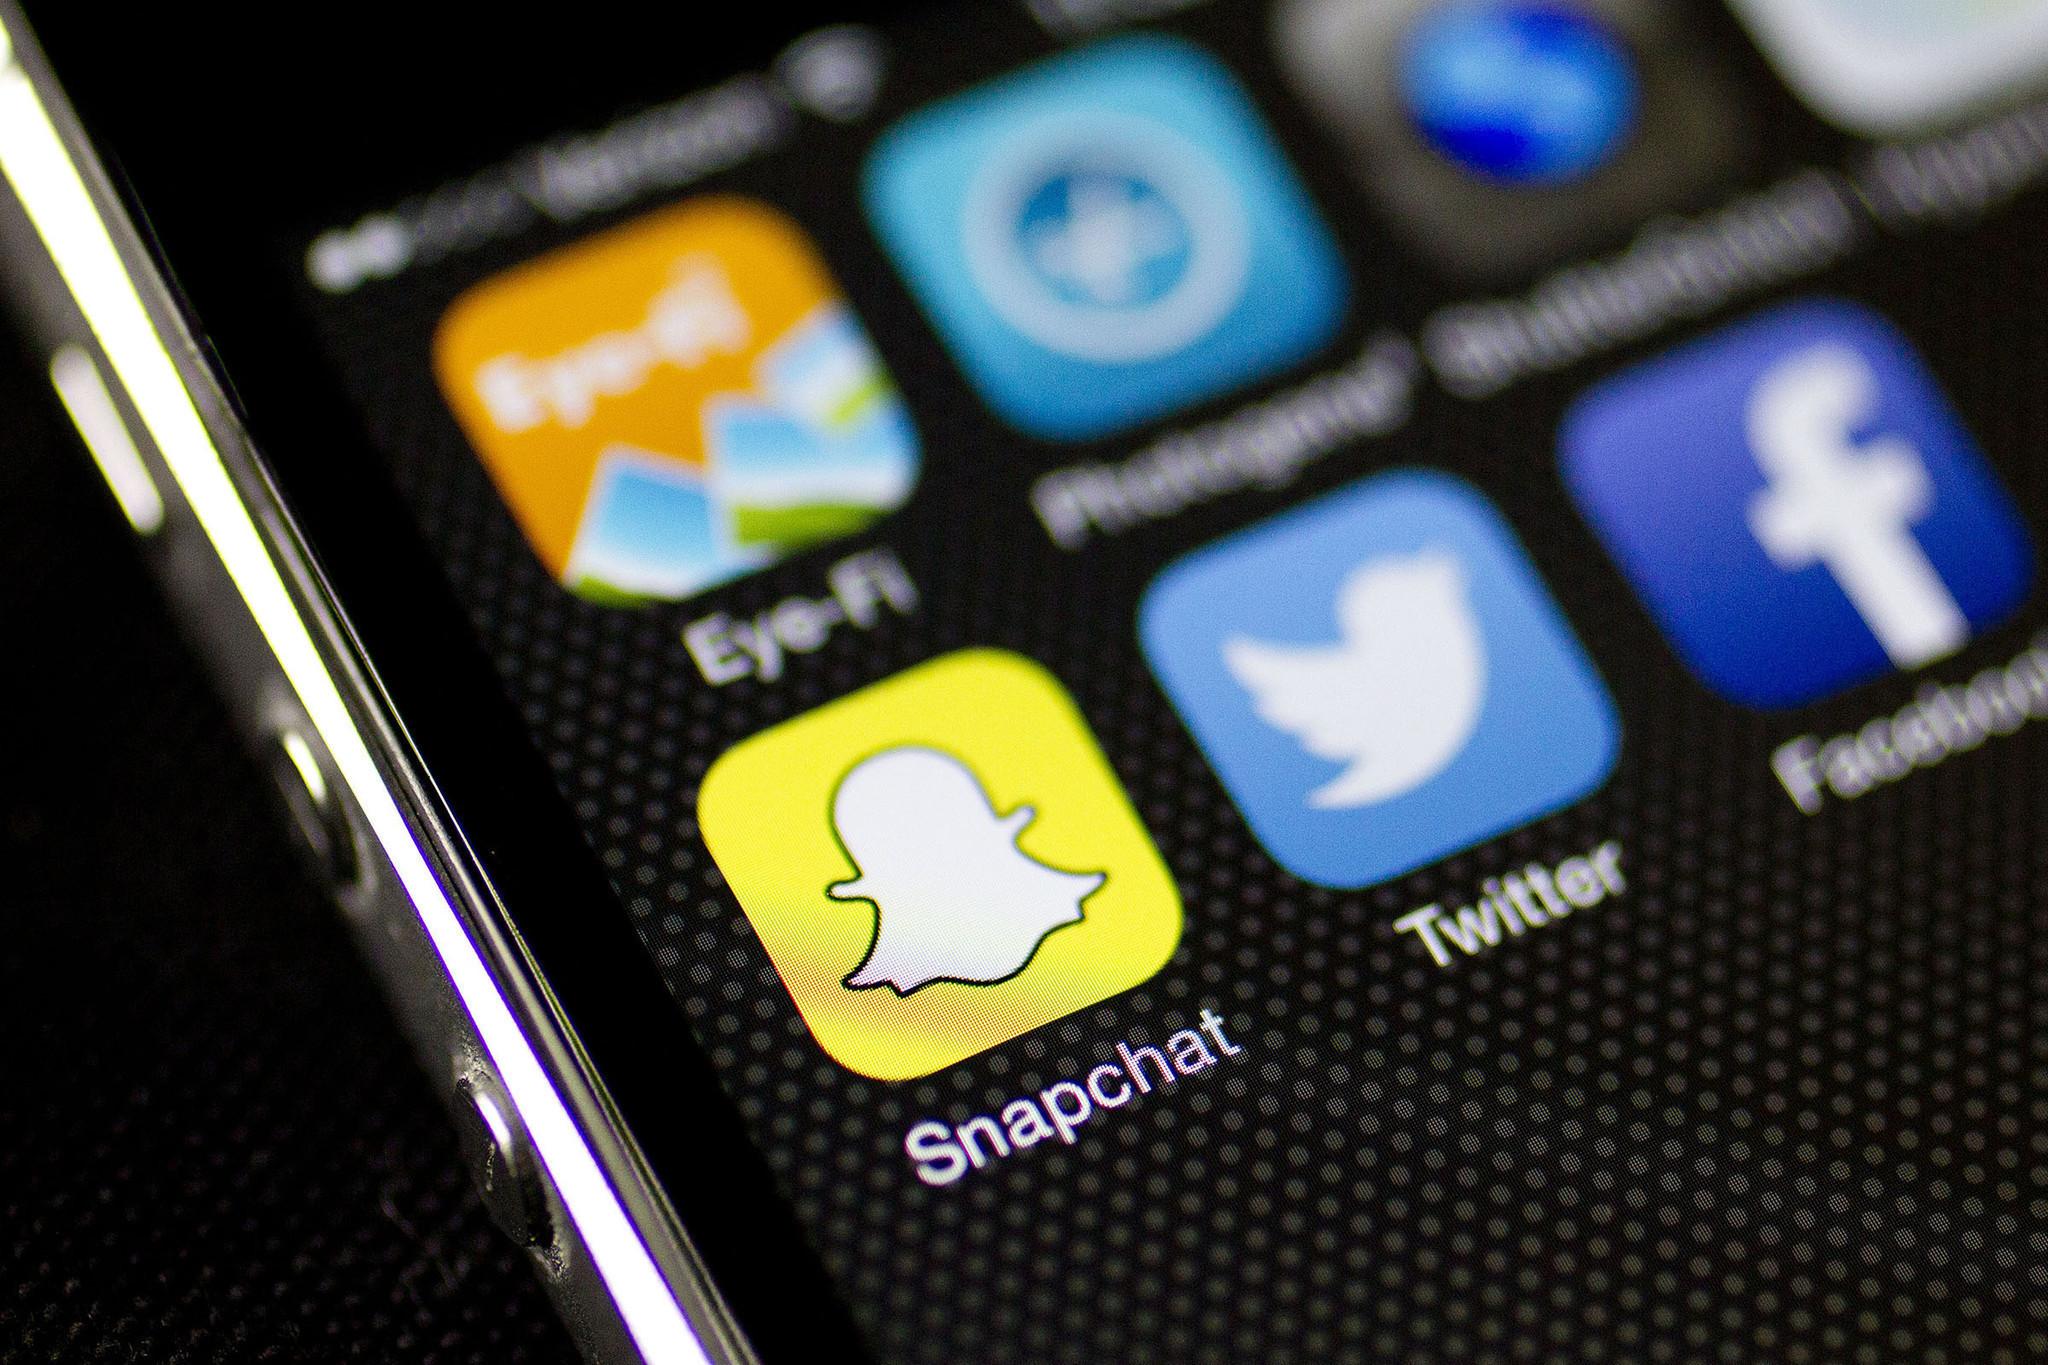 Αποτέλεσμα εικόνας για Keep It Clean: Social Media Screenings Gain in Popularity